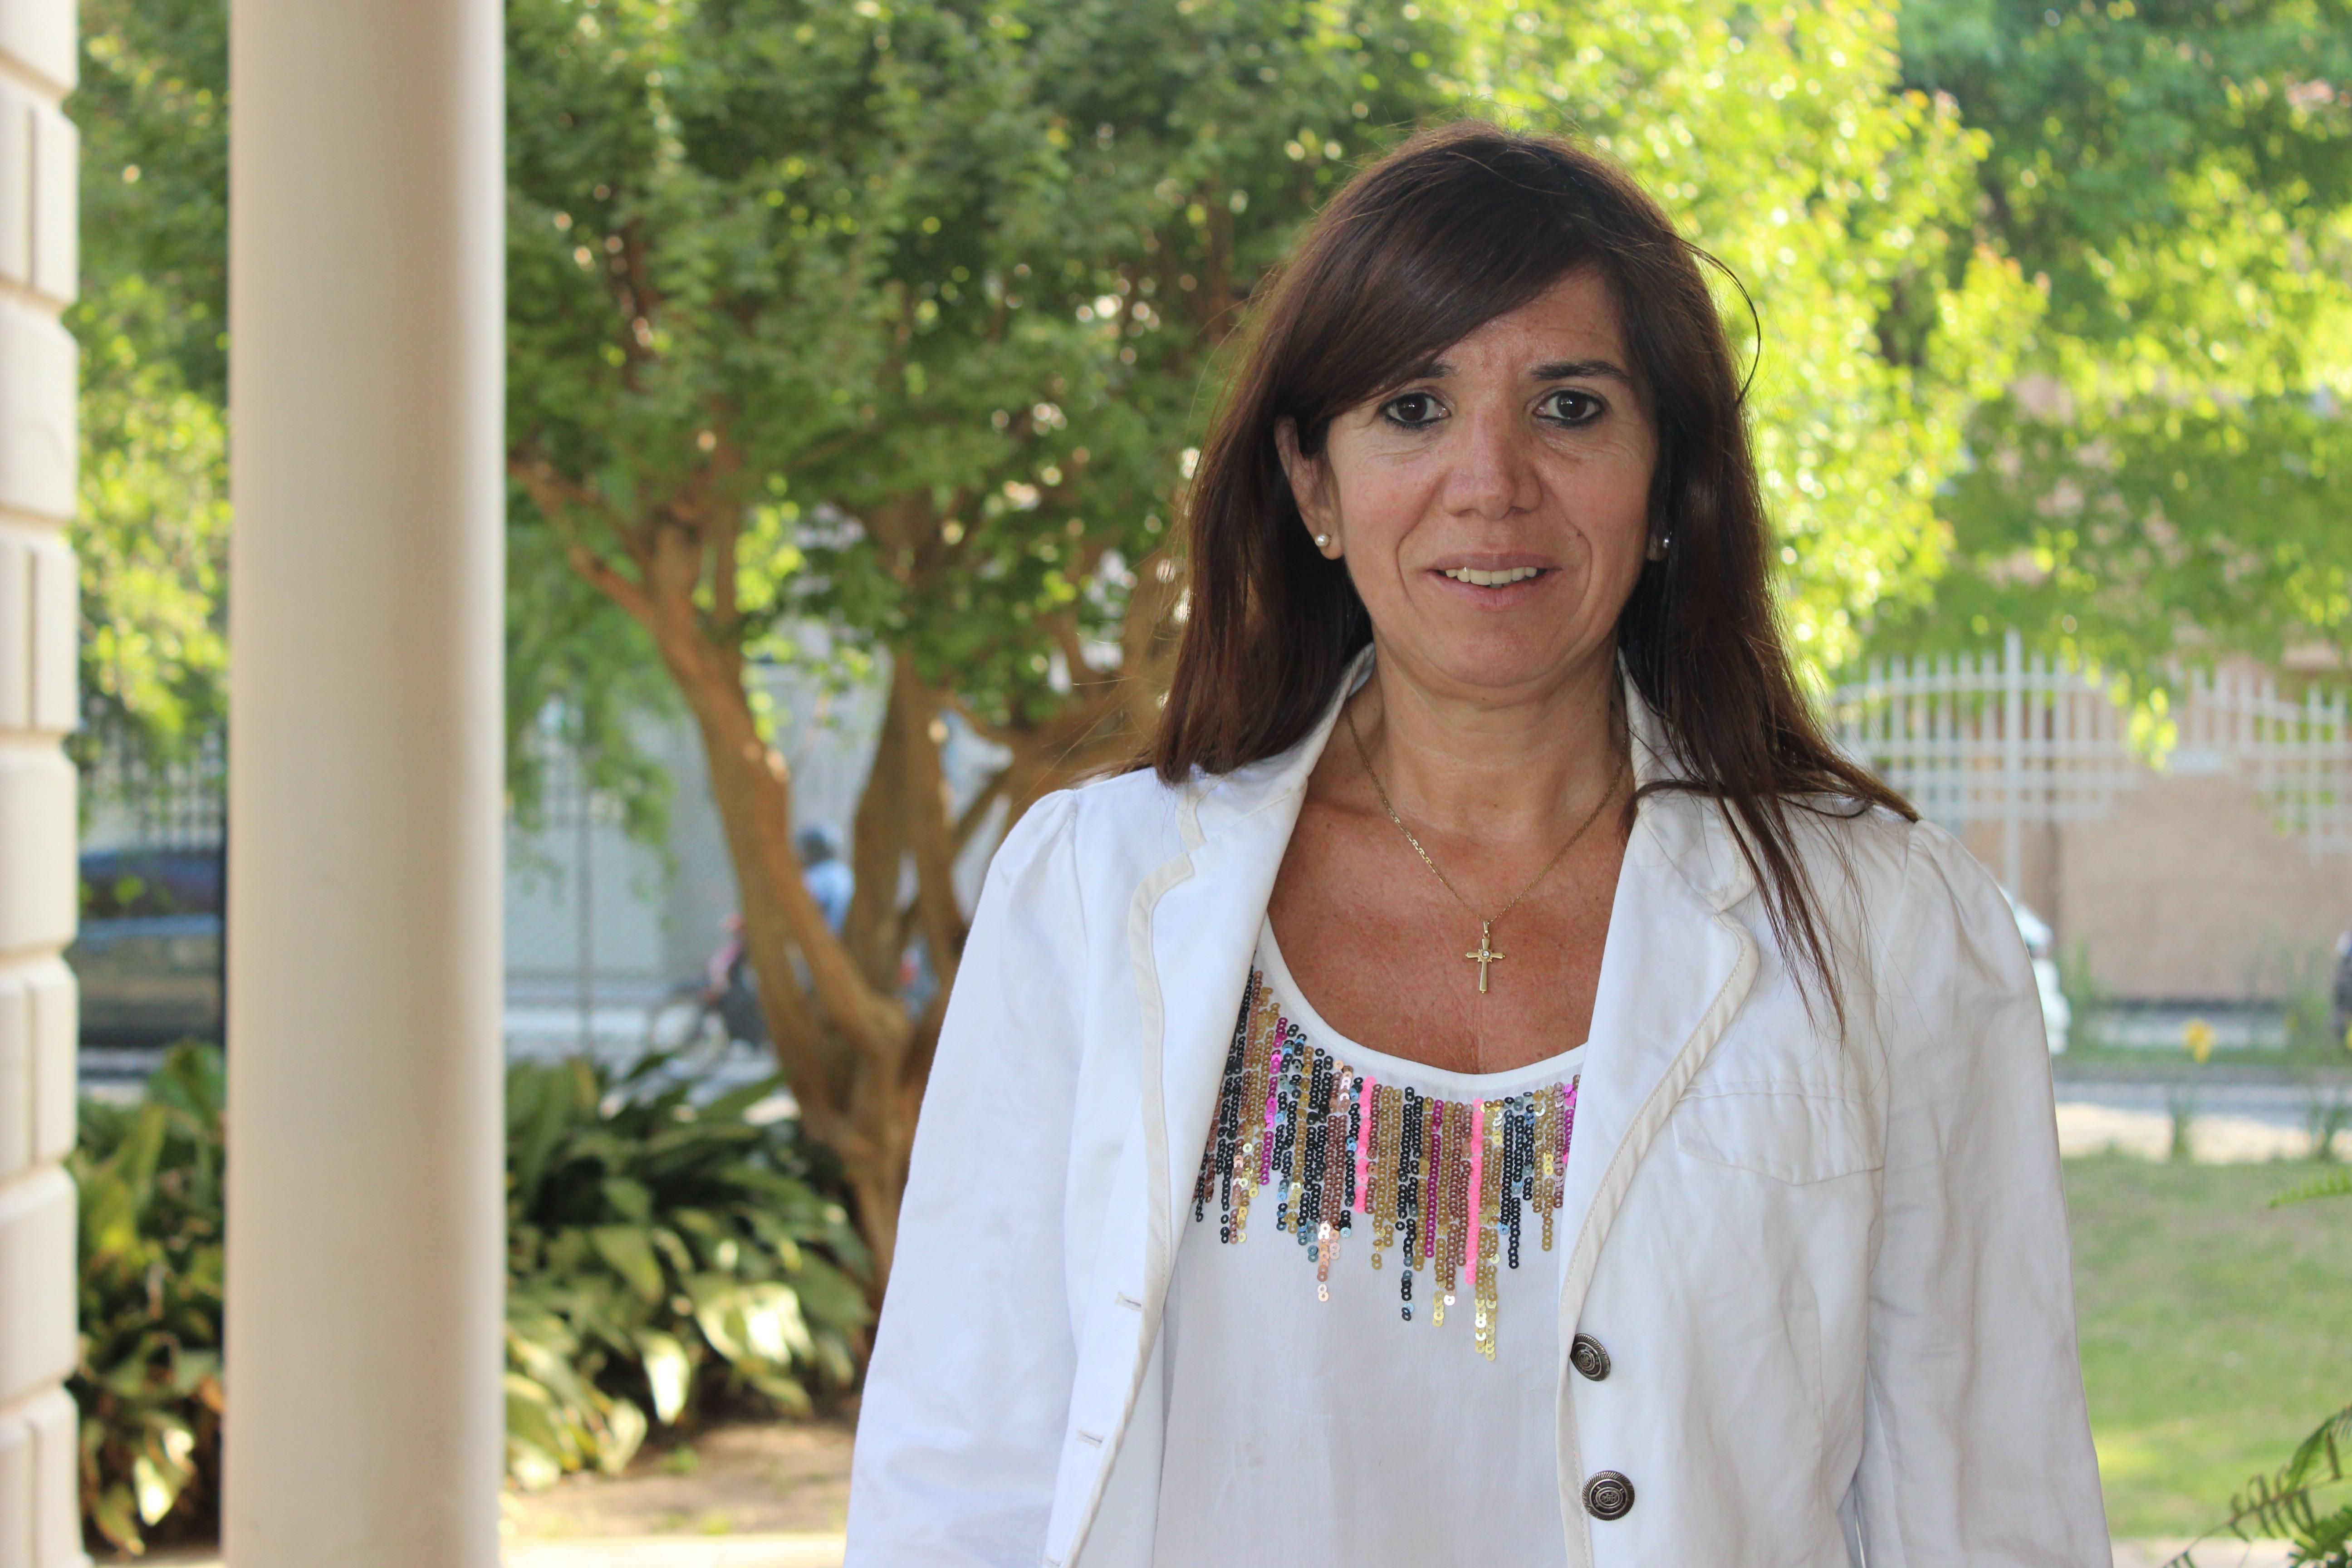 La jueza Zalazar, docente UBP, es la nueva Directora Editorial de Actualidad Jurídica